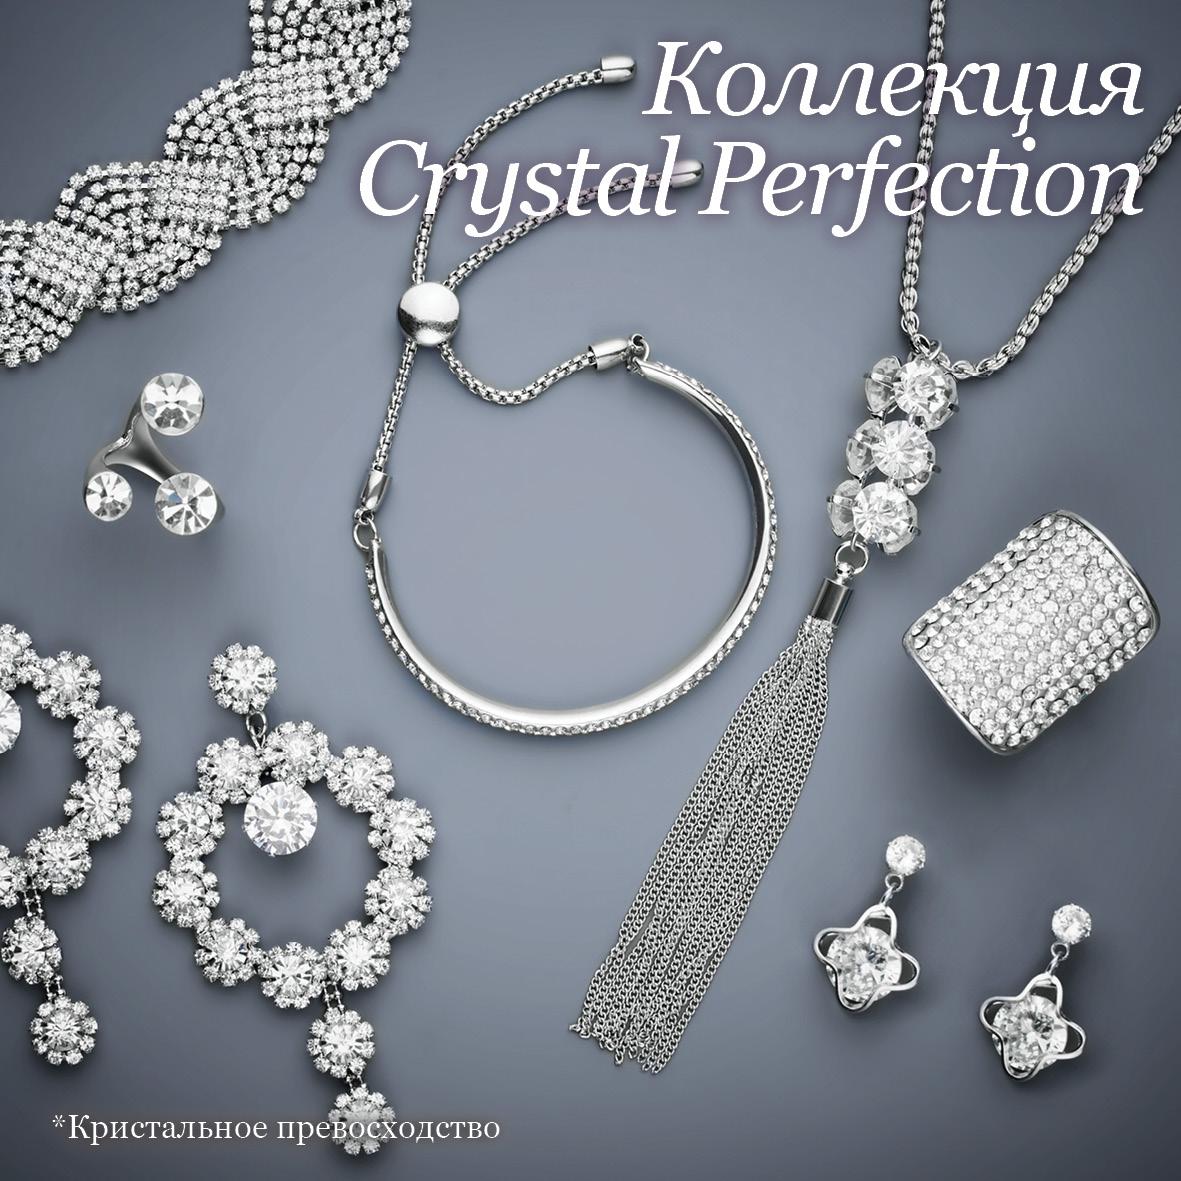 Серьги, Кольца, браслеты, украшения в магазине Lady Collection